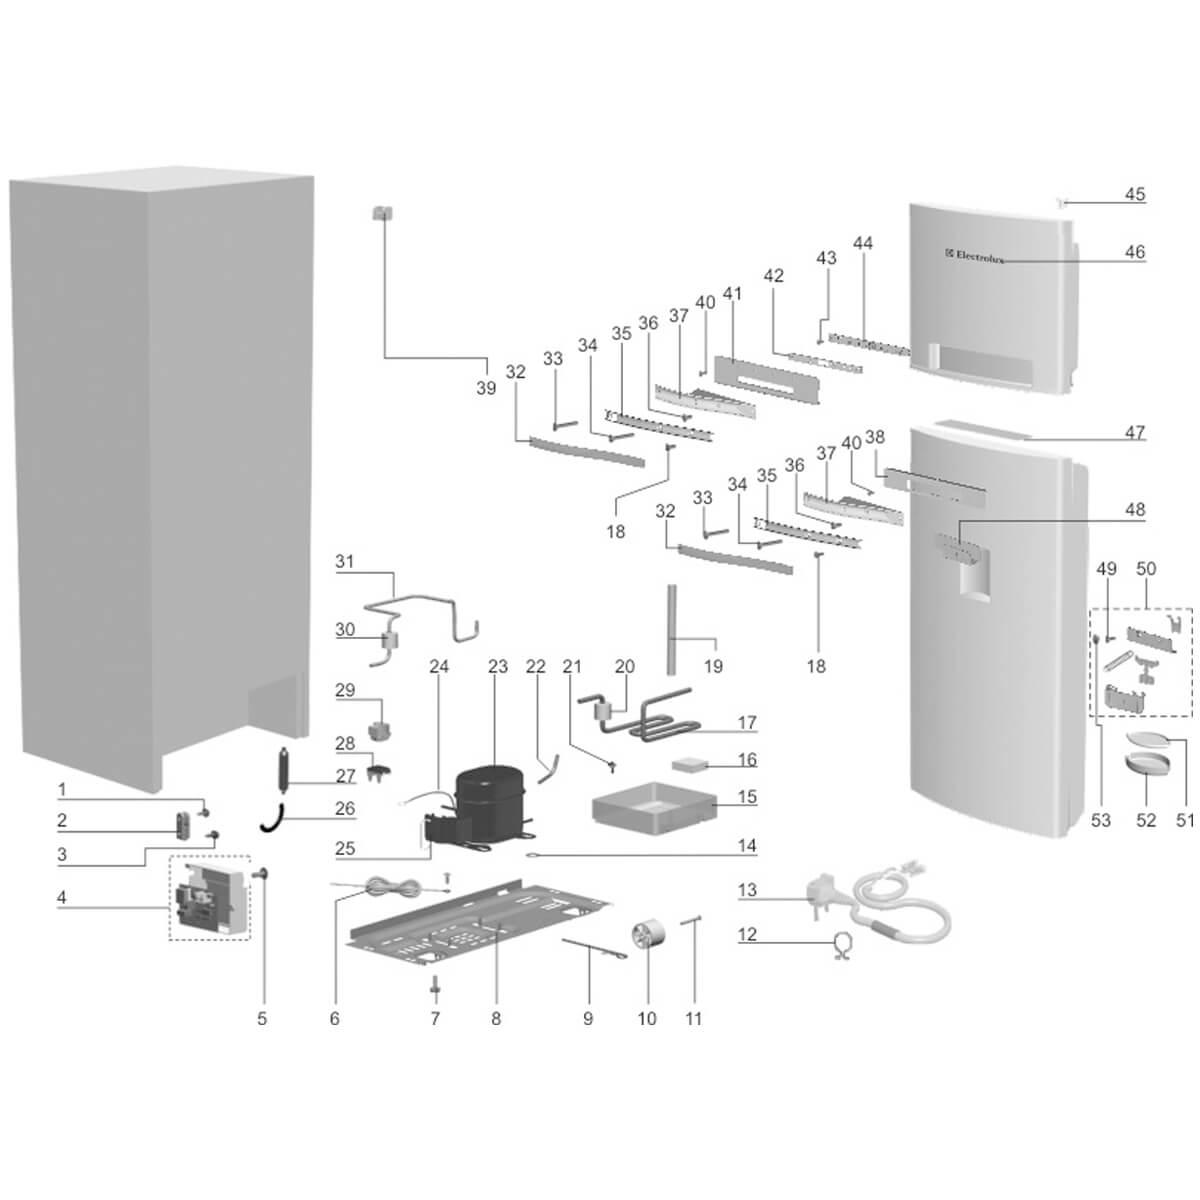 Arremate Do Acionador De Água Para Refrigerador Electrolux DW50X - 67496163